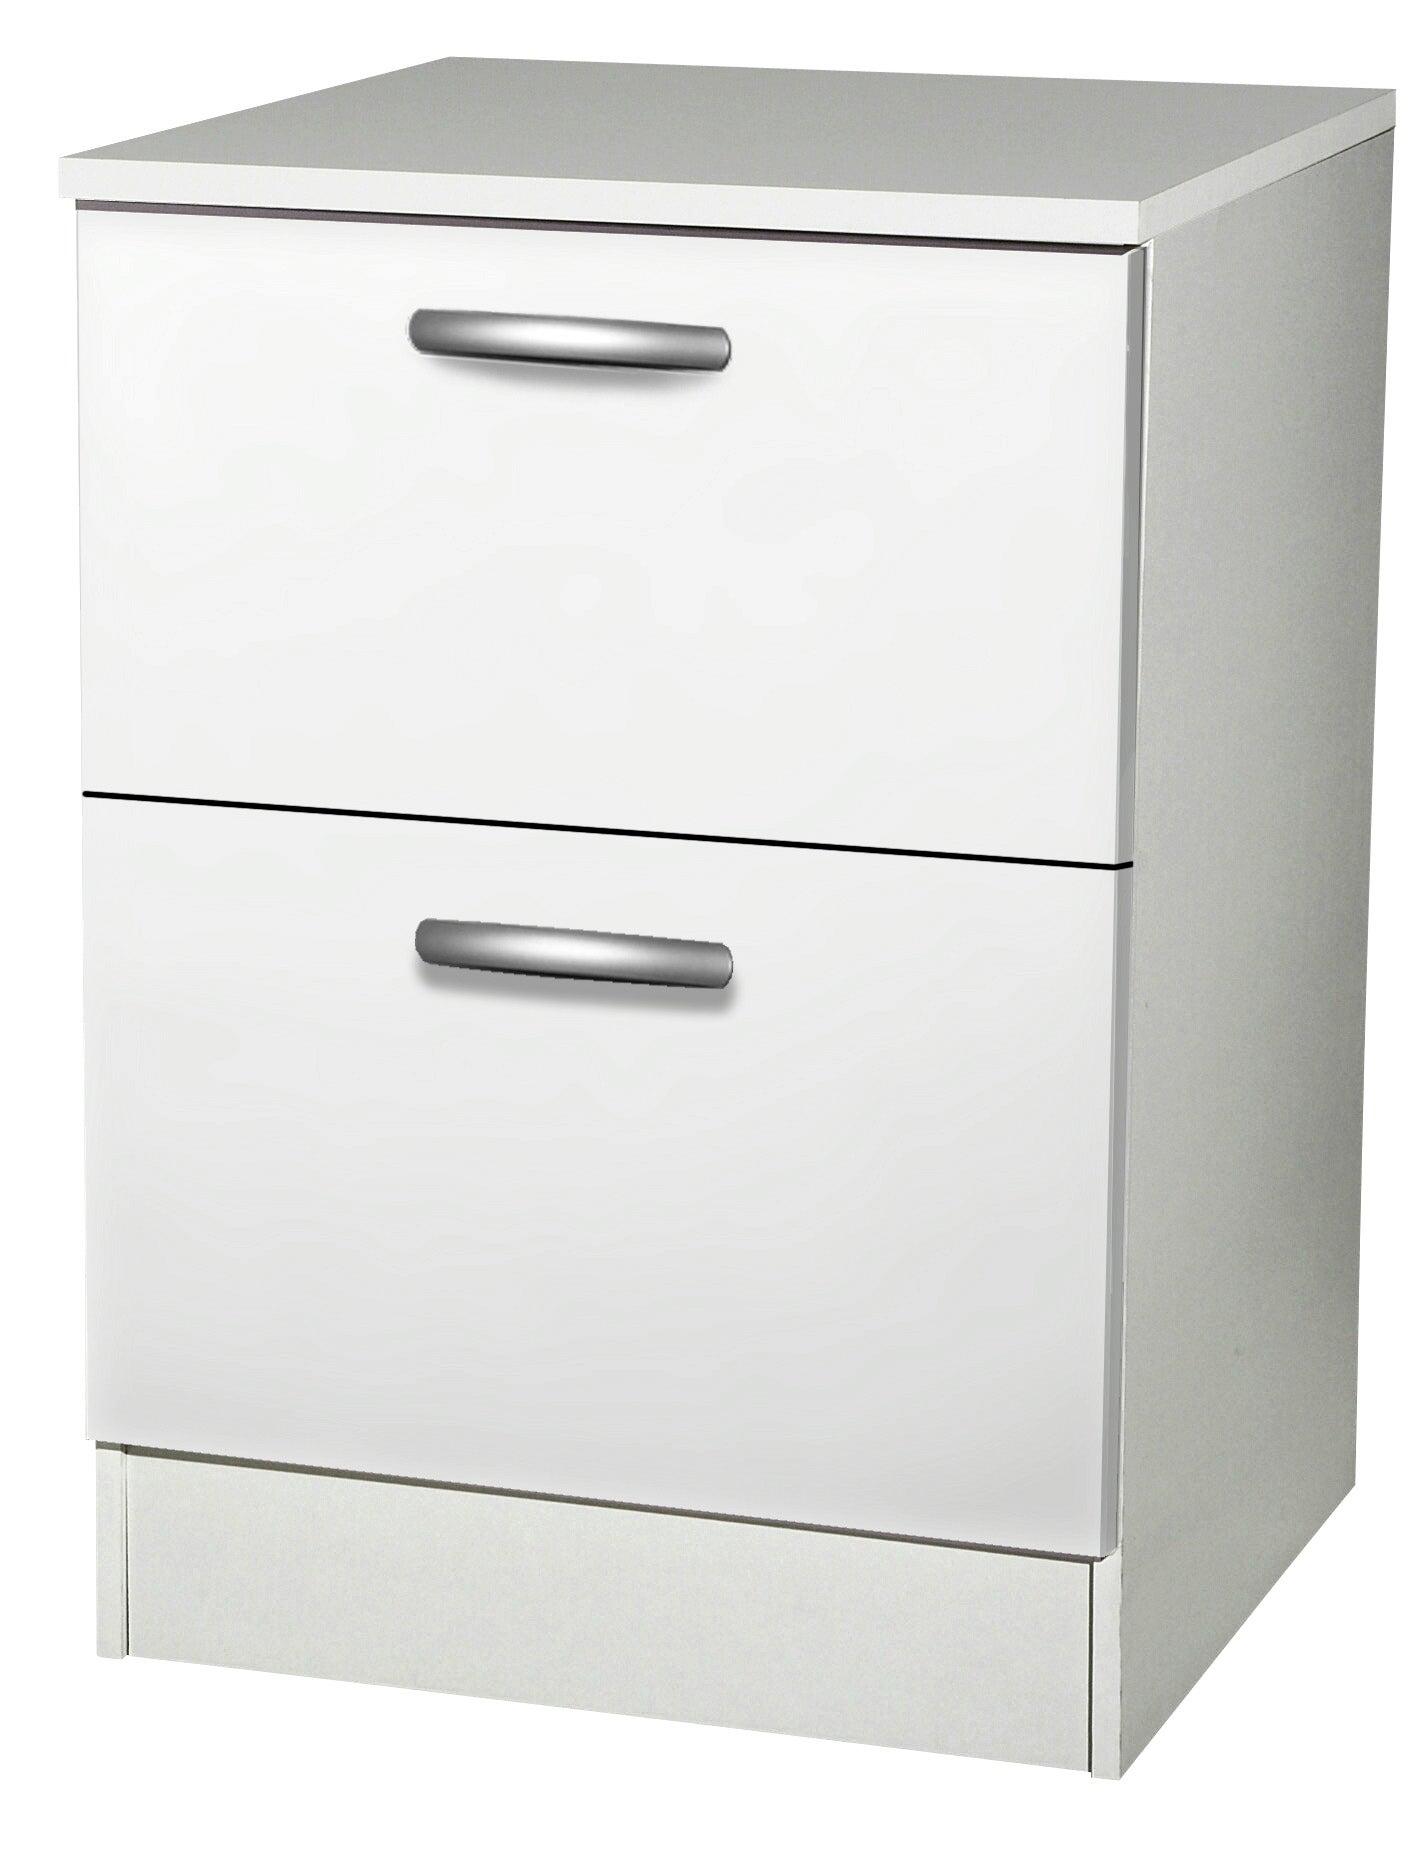 Meuble de cuisine bas 15 tiroirs casseroliers, blanc, h15x l15x p15cm